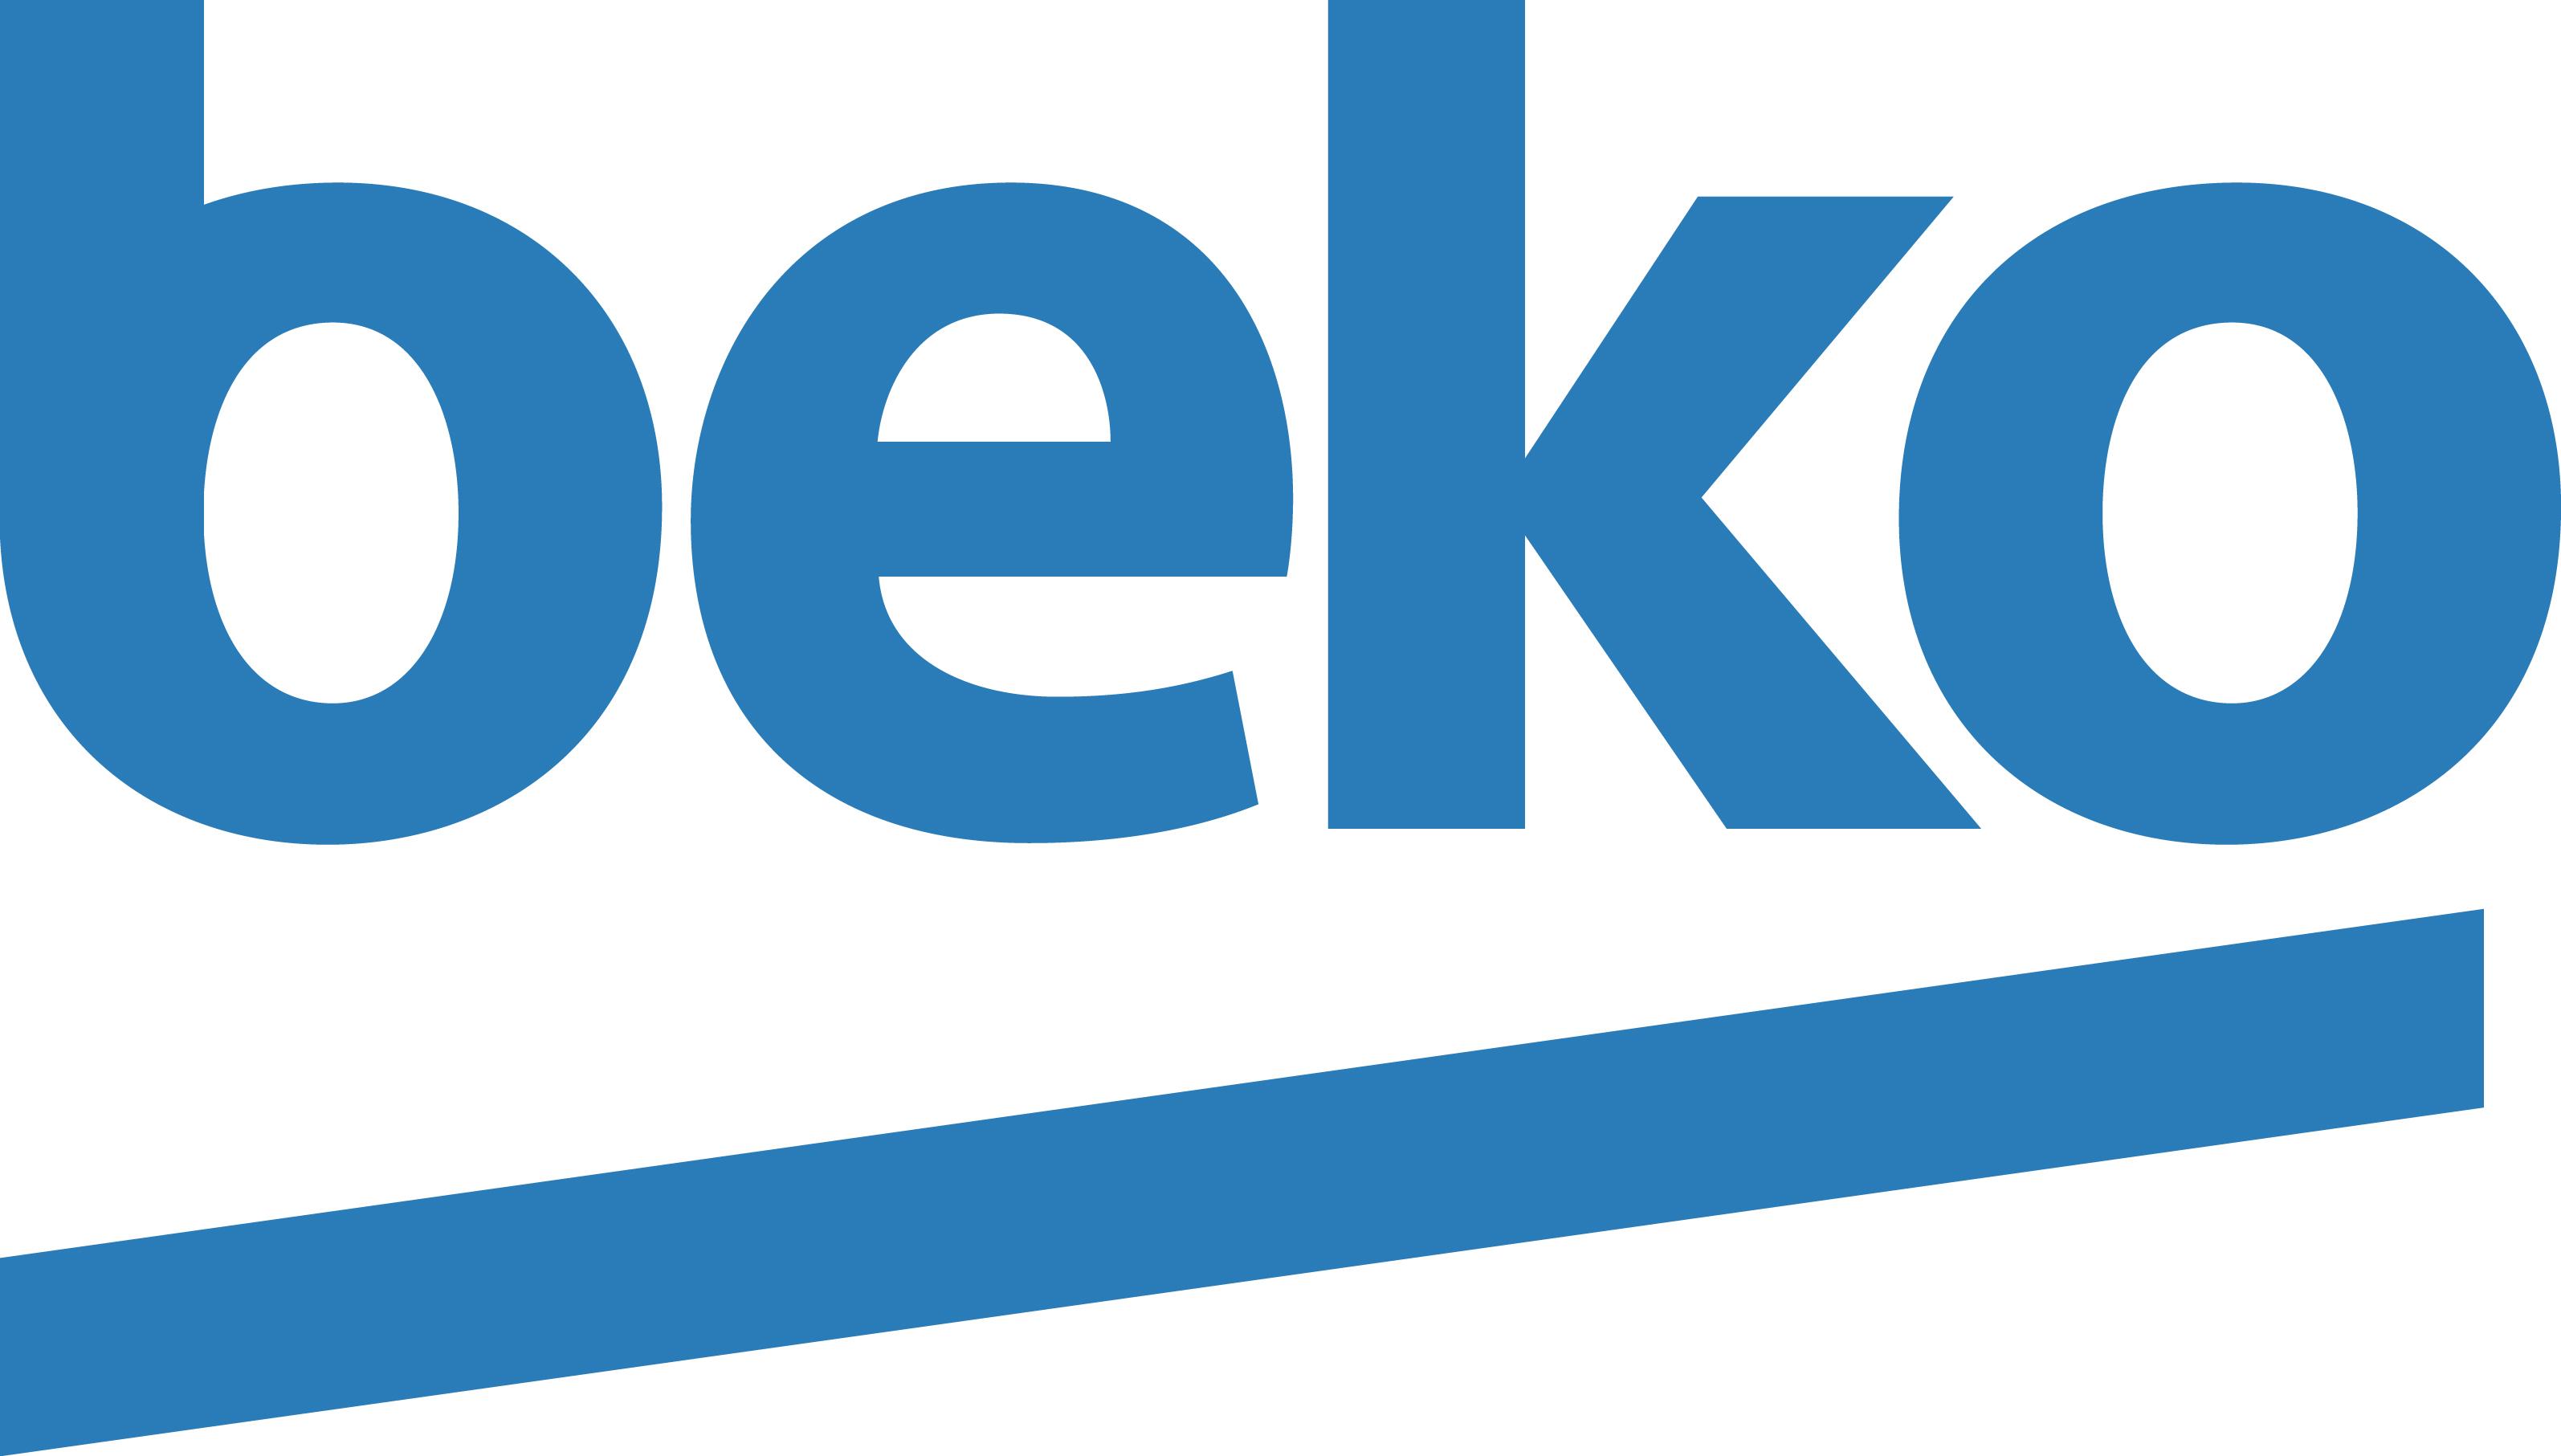 BEKO-new-logo